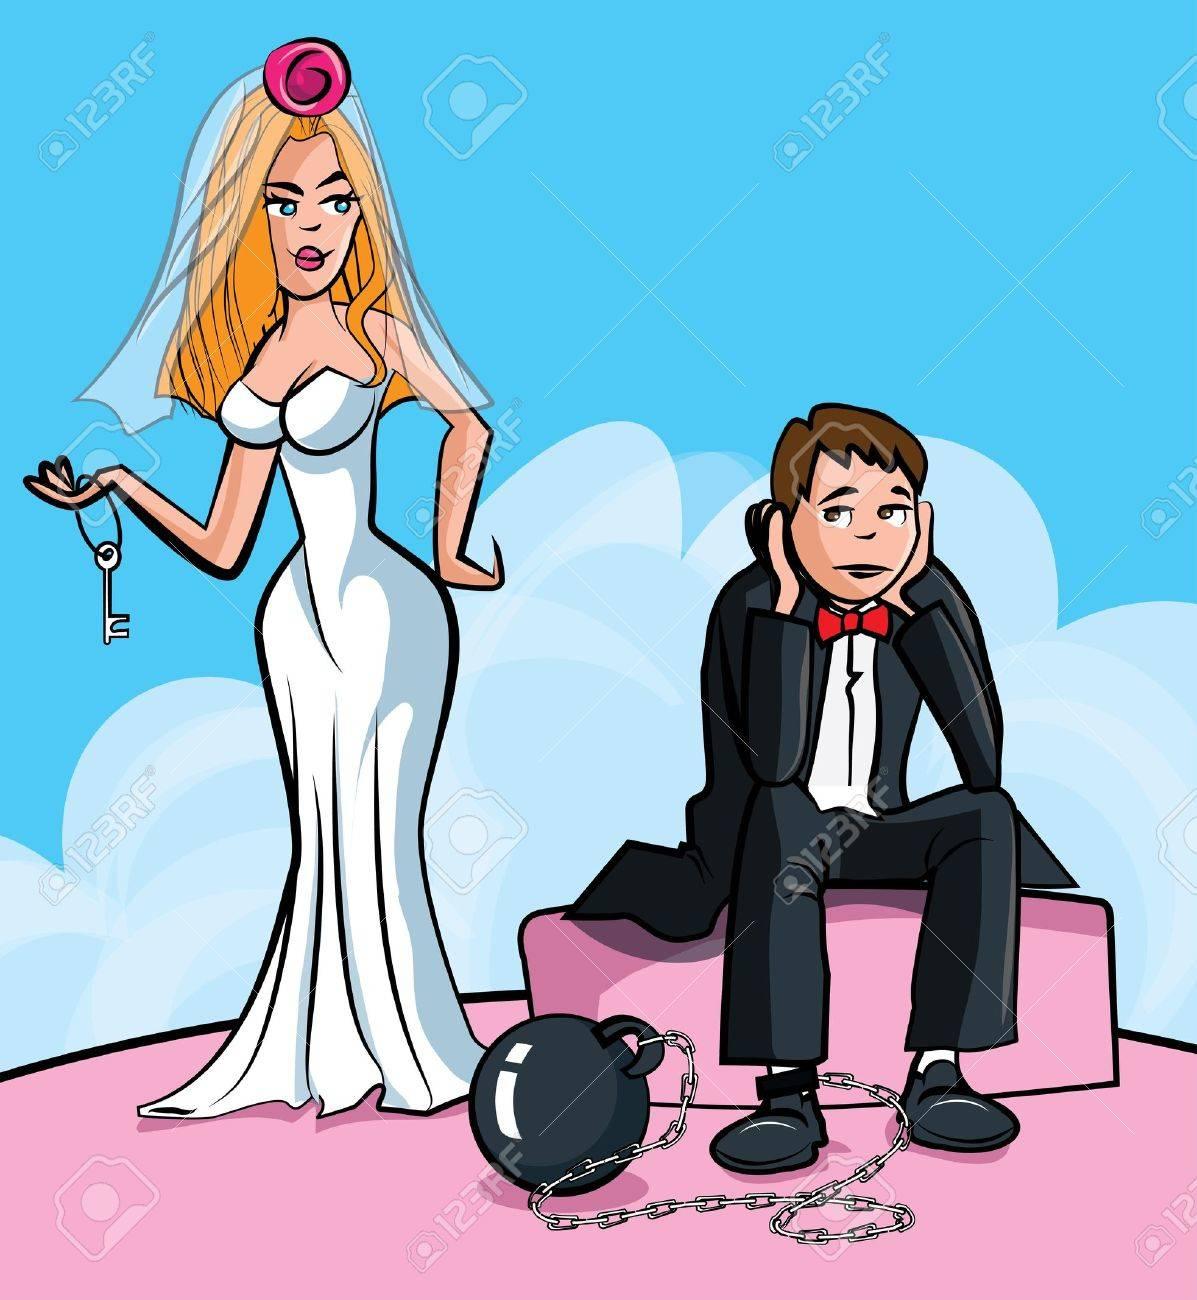 man dating een getrouwde man dating profiel advies Reddit